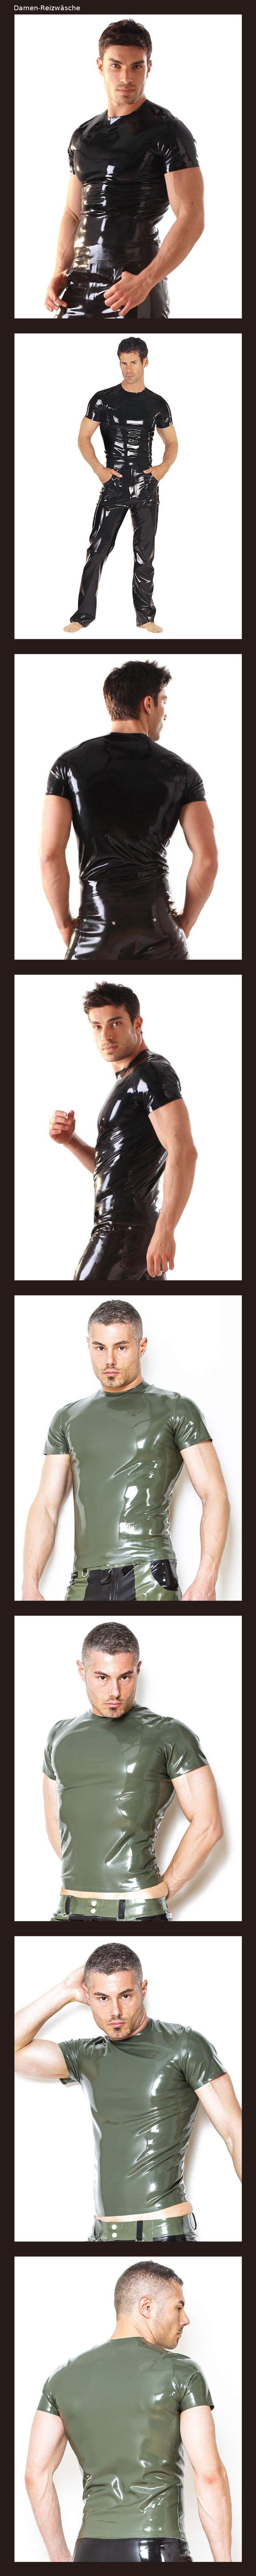 1643e8a19dd710 Latex/Gummi- T-Shirt | Damen-Reizwäsche